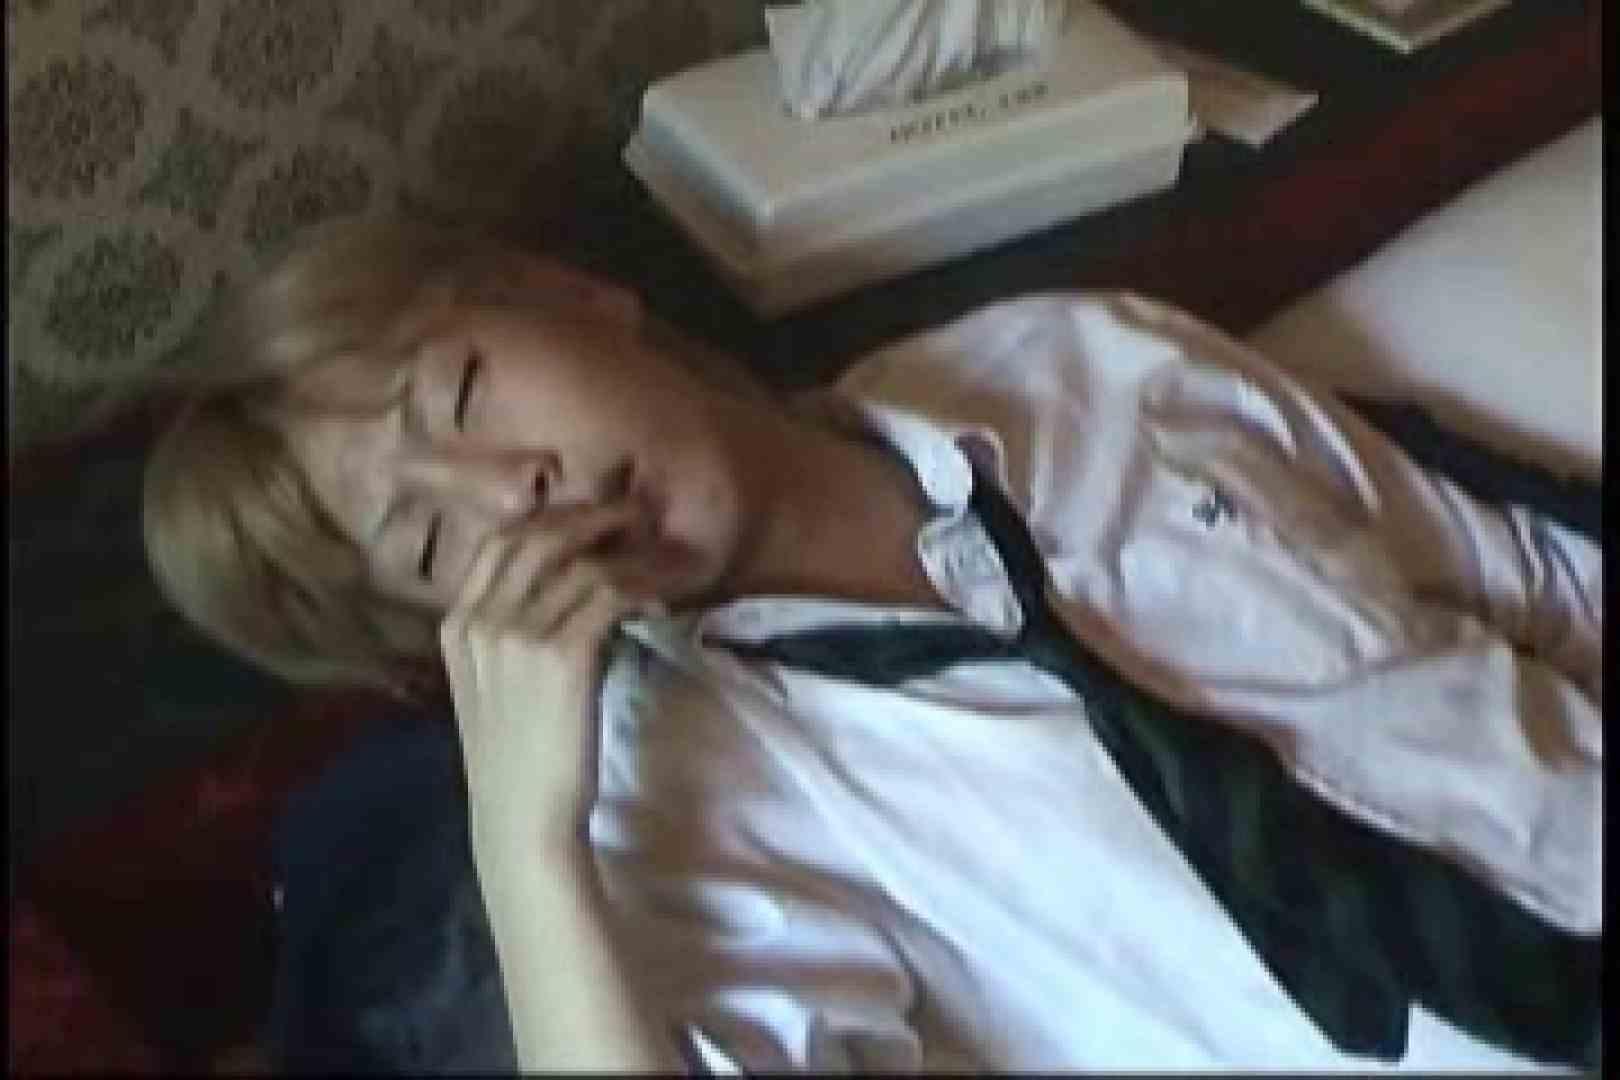 【流出】知られざる僕の秘密…vol.01 オナニー アダルトビデオ画像キャプチャ 97枚 97